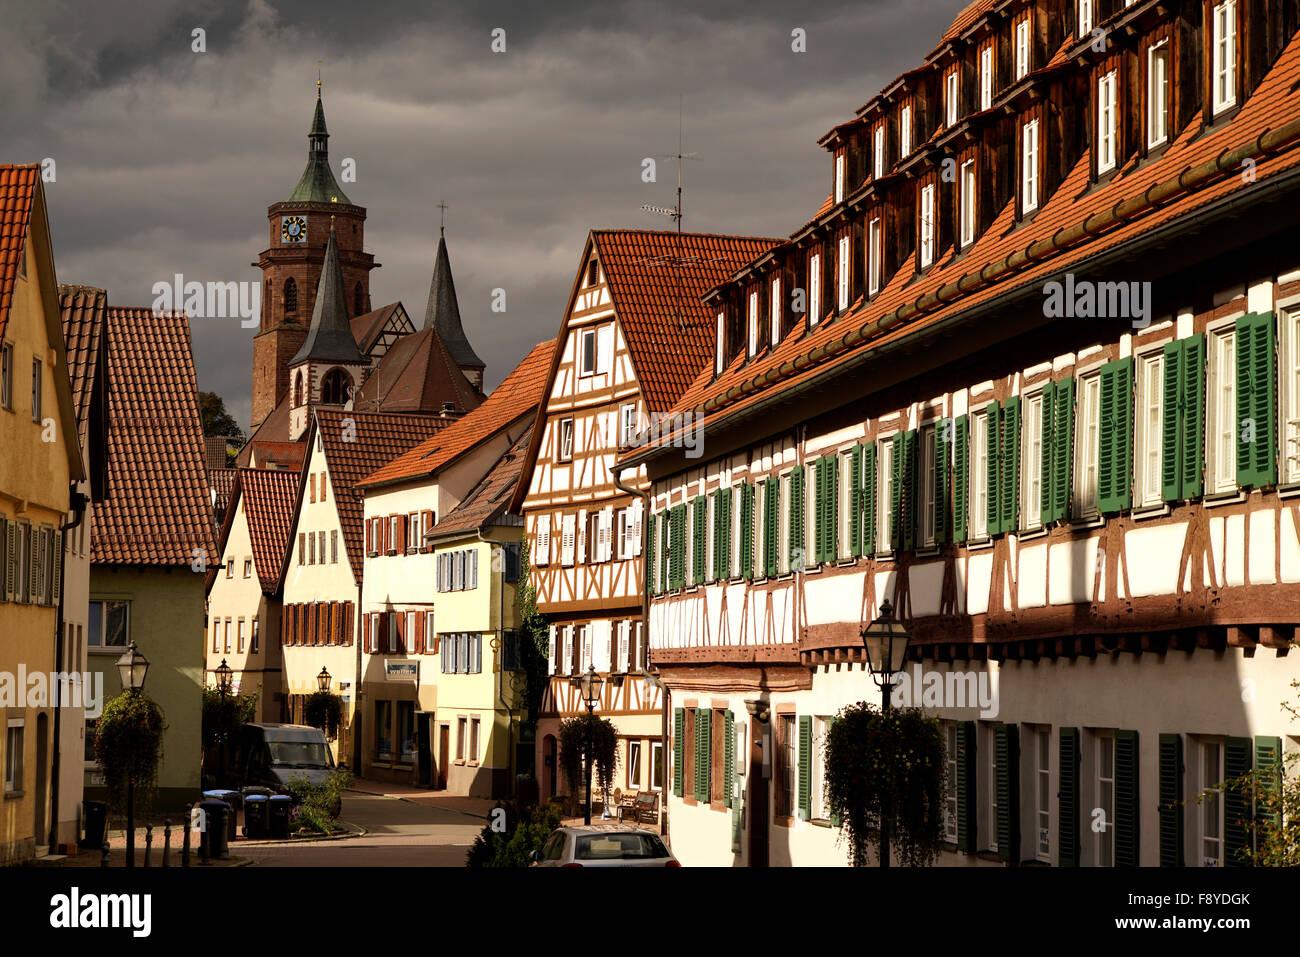 Stadtansicht mit Kirche St. Peter und Paul in Weil der Stadt, Böblingen, Baden-Württemberg, Deutschland Stockbild